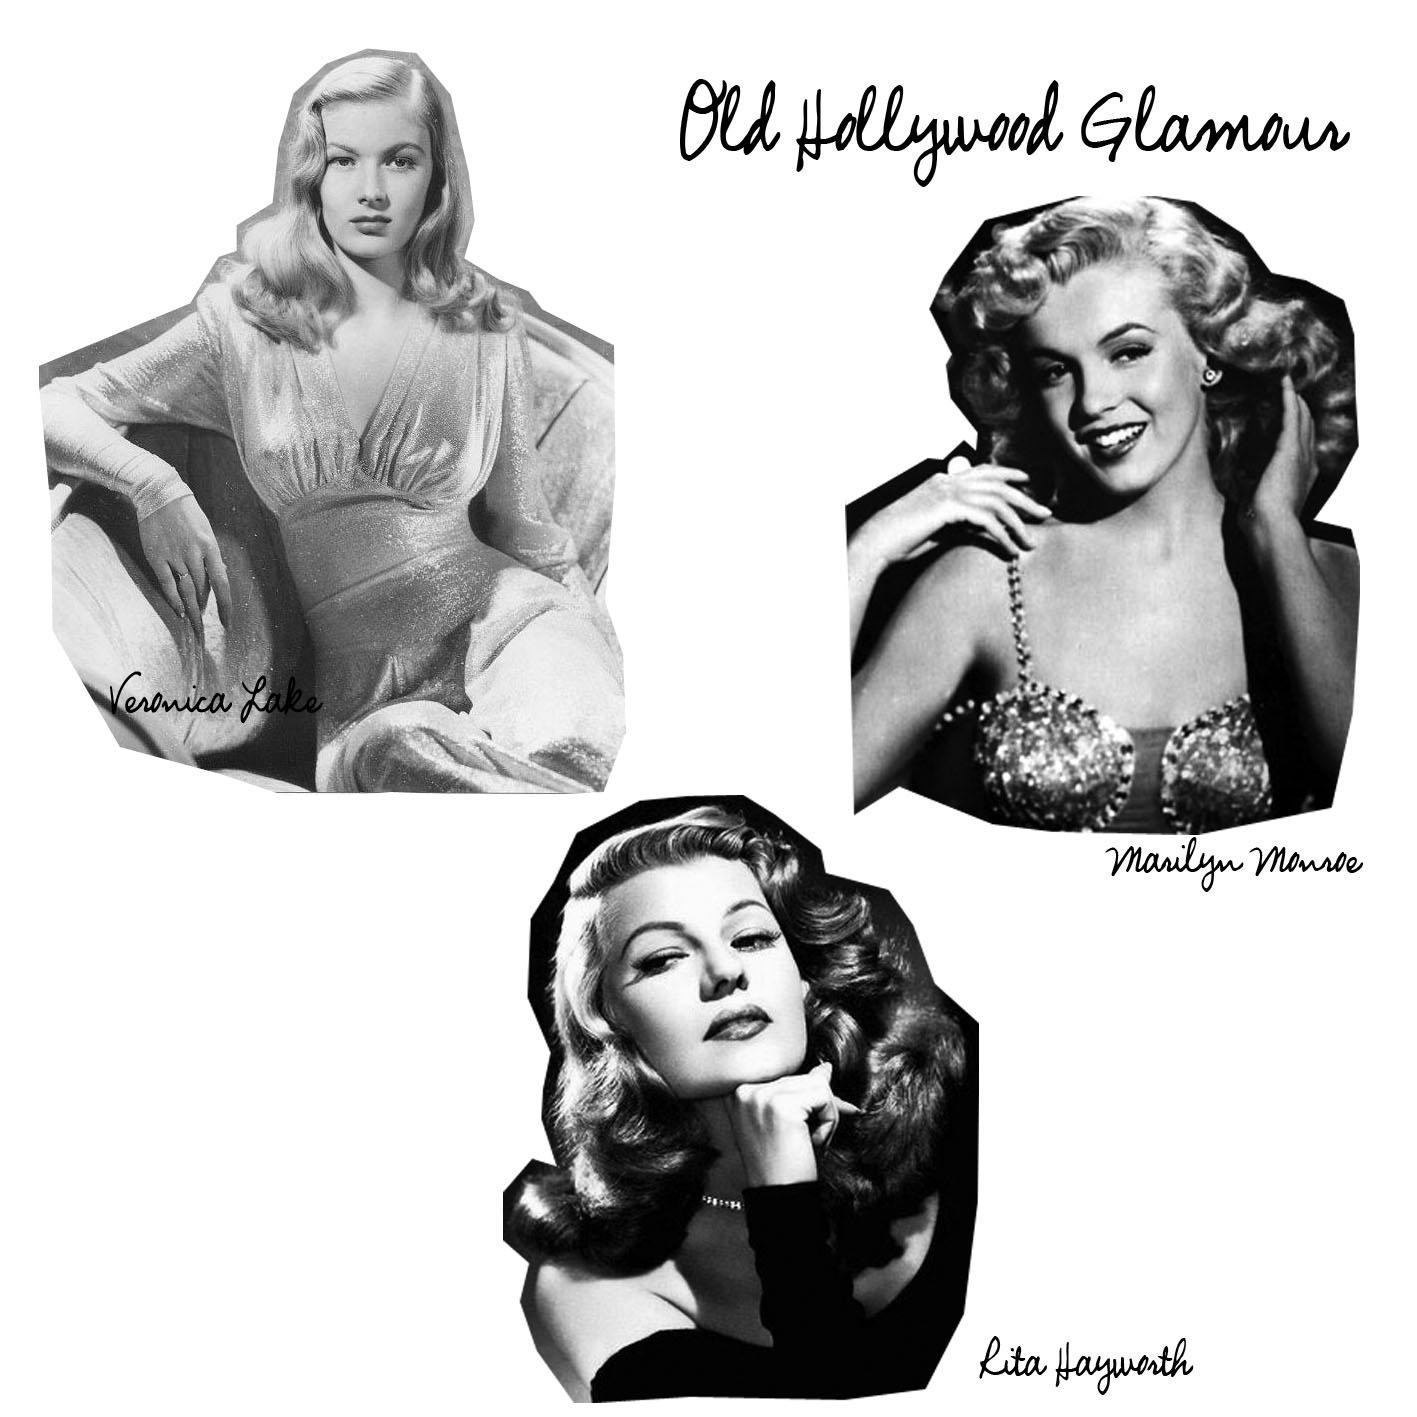 http://1.bp.blogspot.com/-sB2z546agmg/UTWSfDeQskI/AAAAAAAAAM8/GOtg1o5Z0cI/s1600/old+Hollywood+glamour.jpg